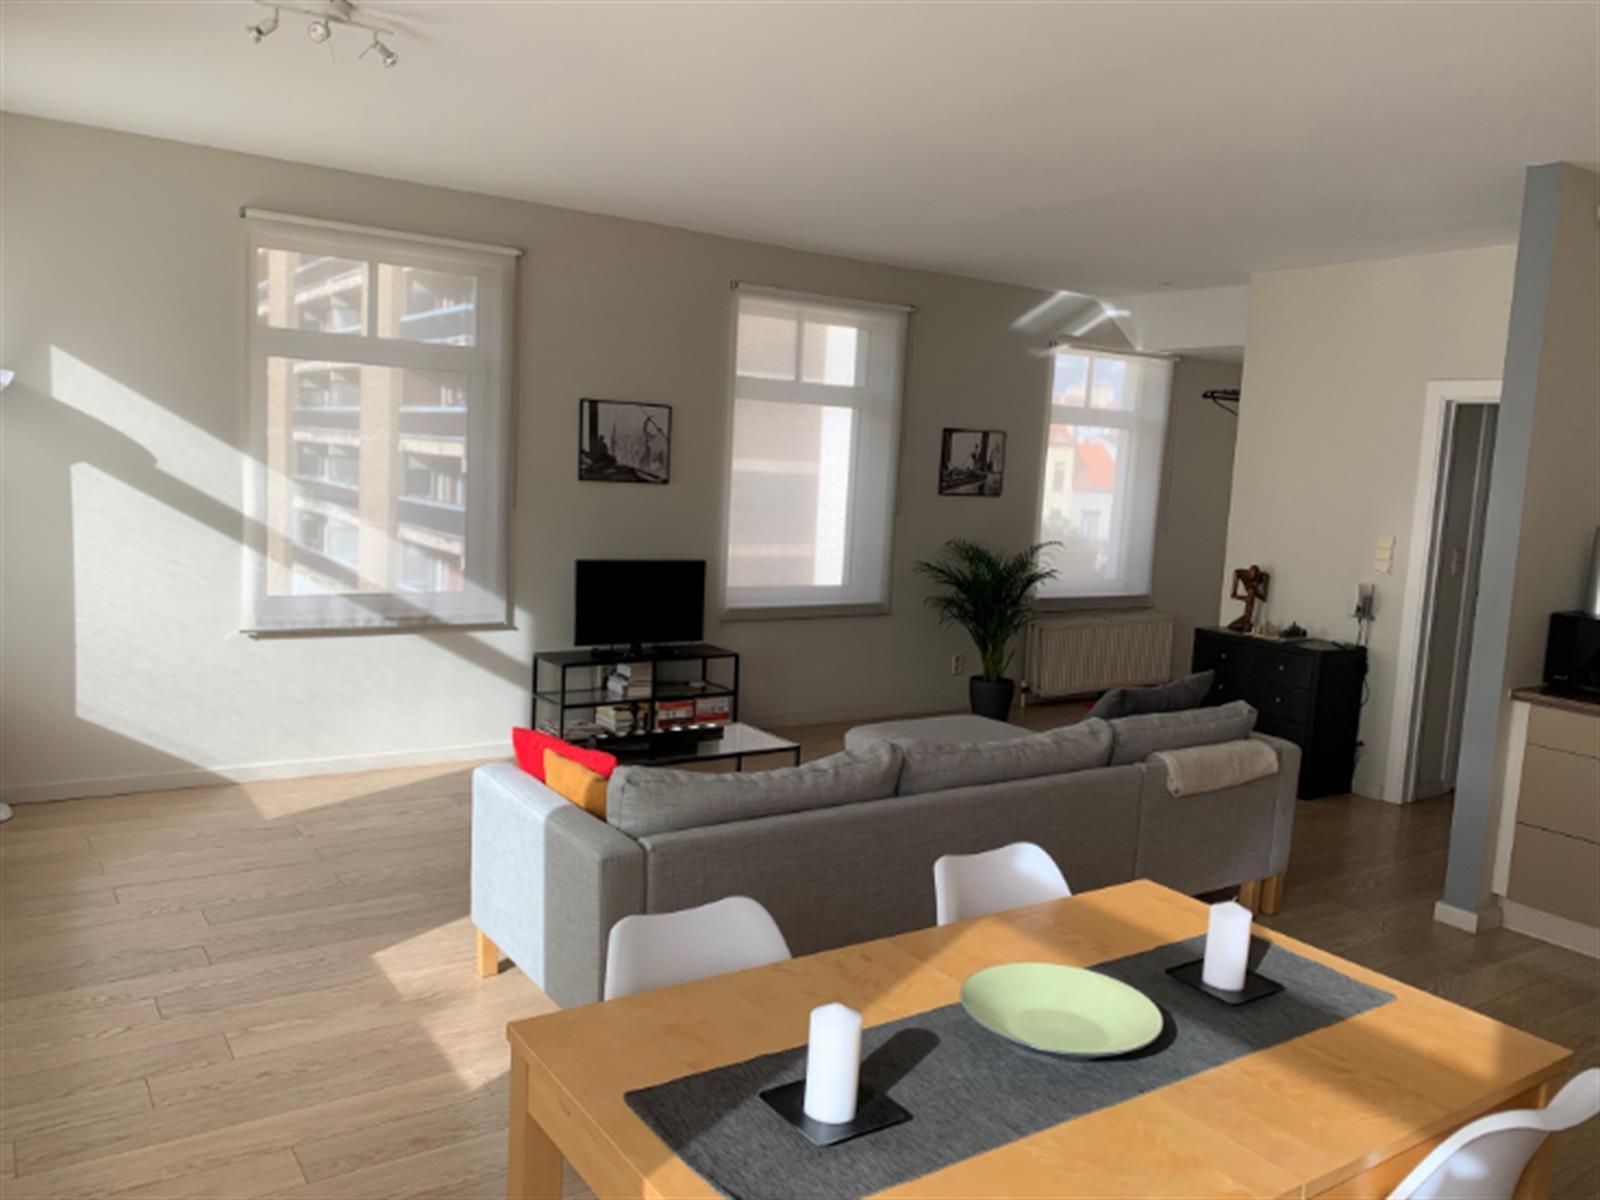 Appartement - Etterbeek - #4430645-5